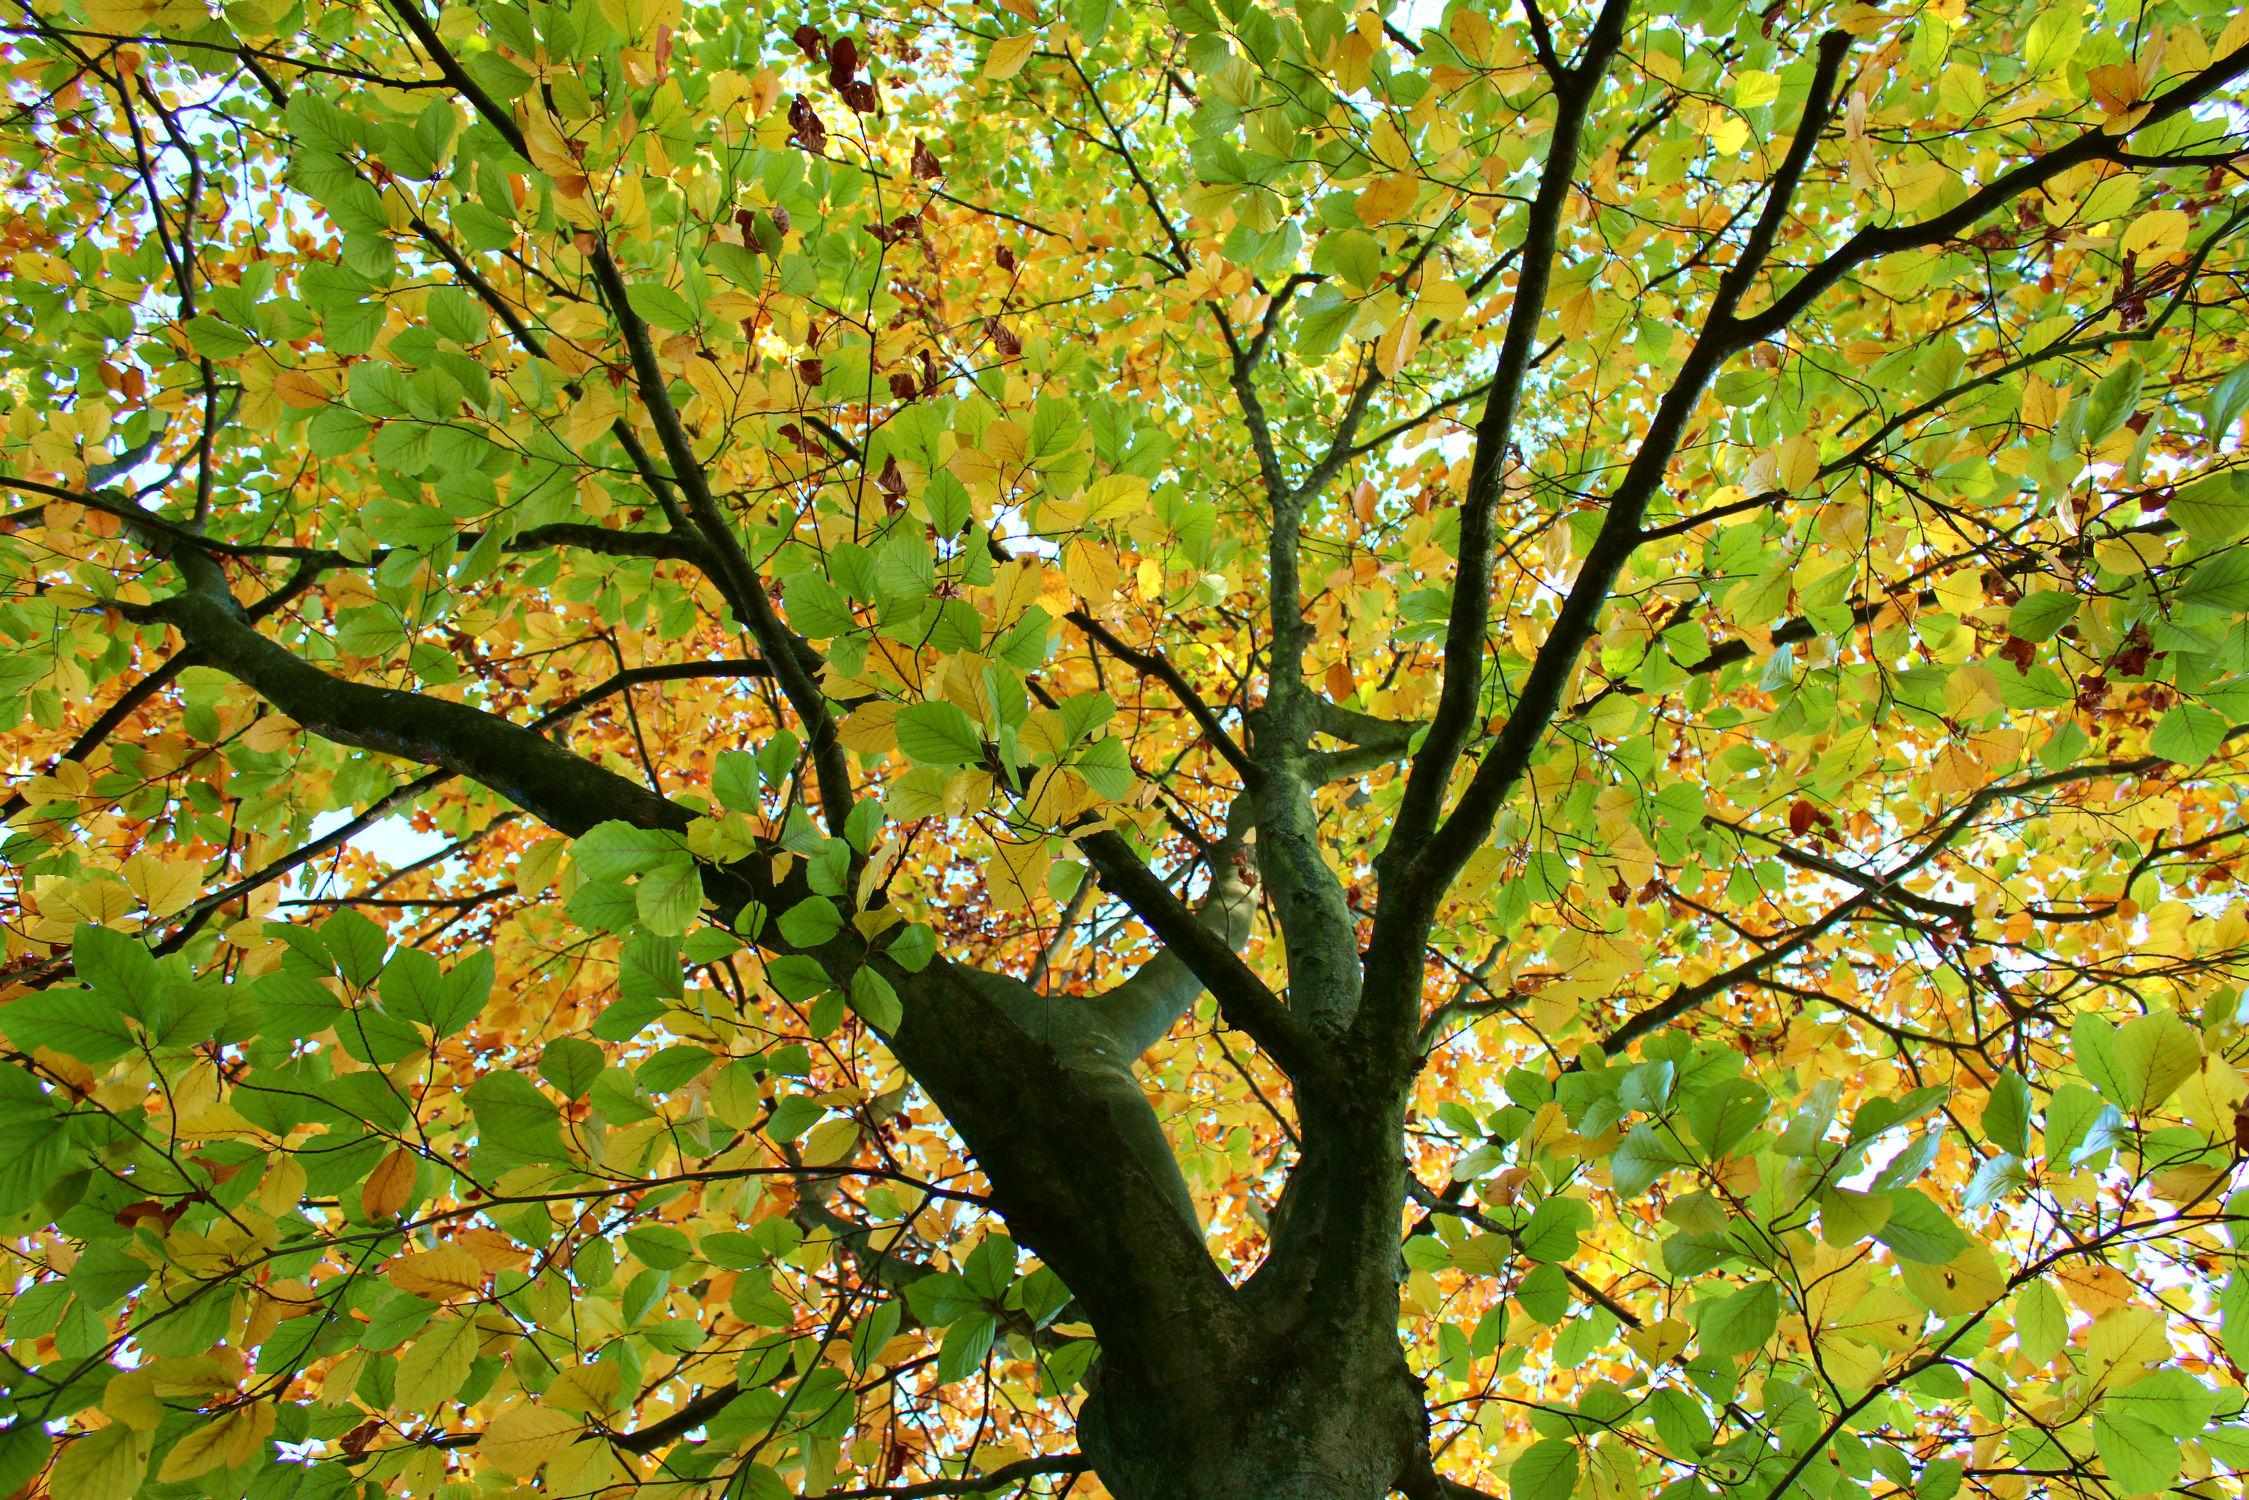 Bild mit Natur, Bäume, Herbst, Laubbäume, Bunt, Herbstblätter, Buche, Buchenwald, mein Garten